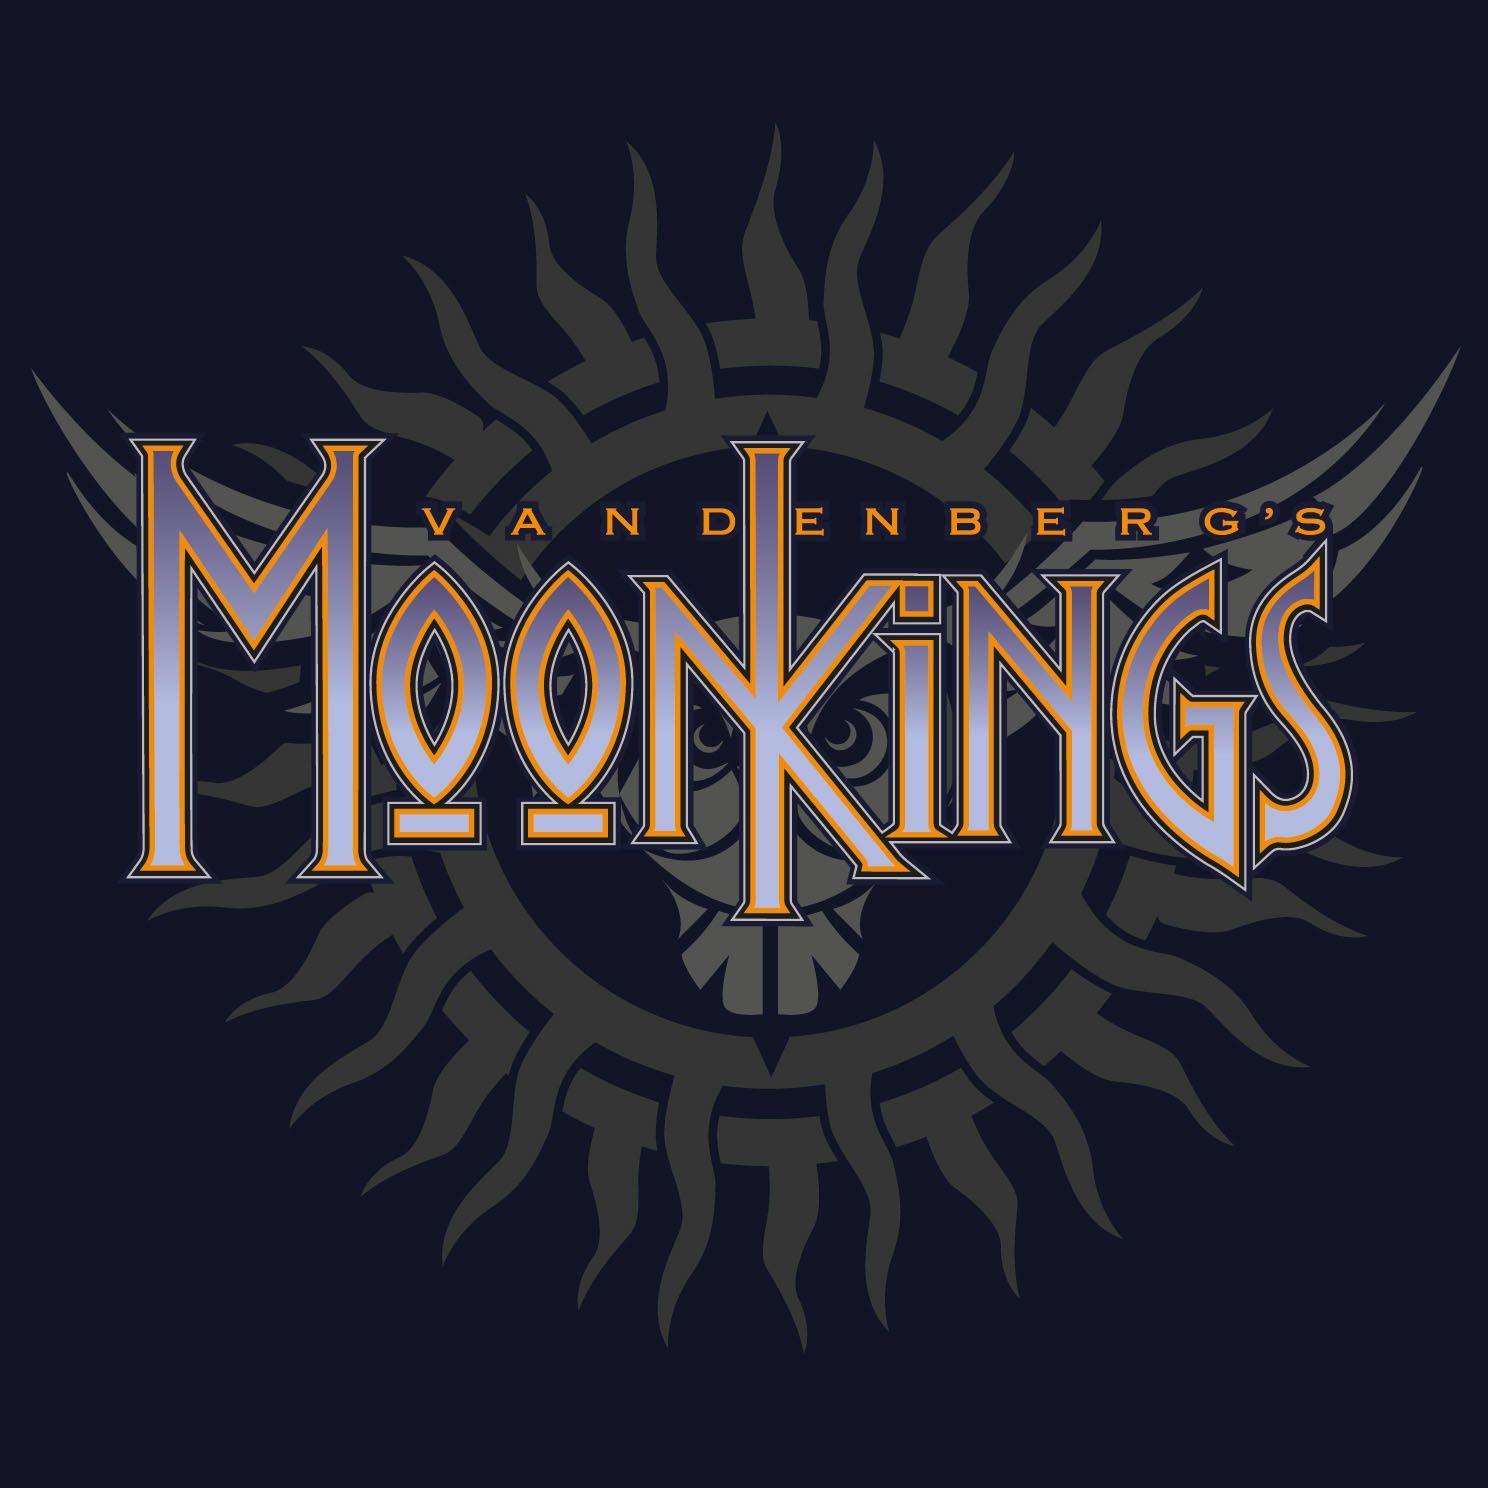 """CD review VANDENBERG'S MOONKINGS """"Vandenberg's Moonkings"""""""